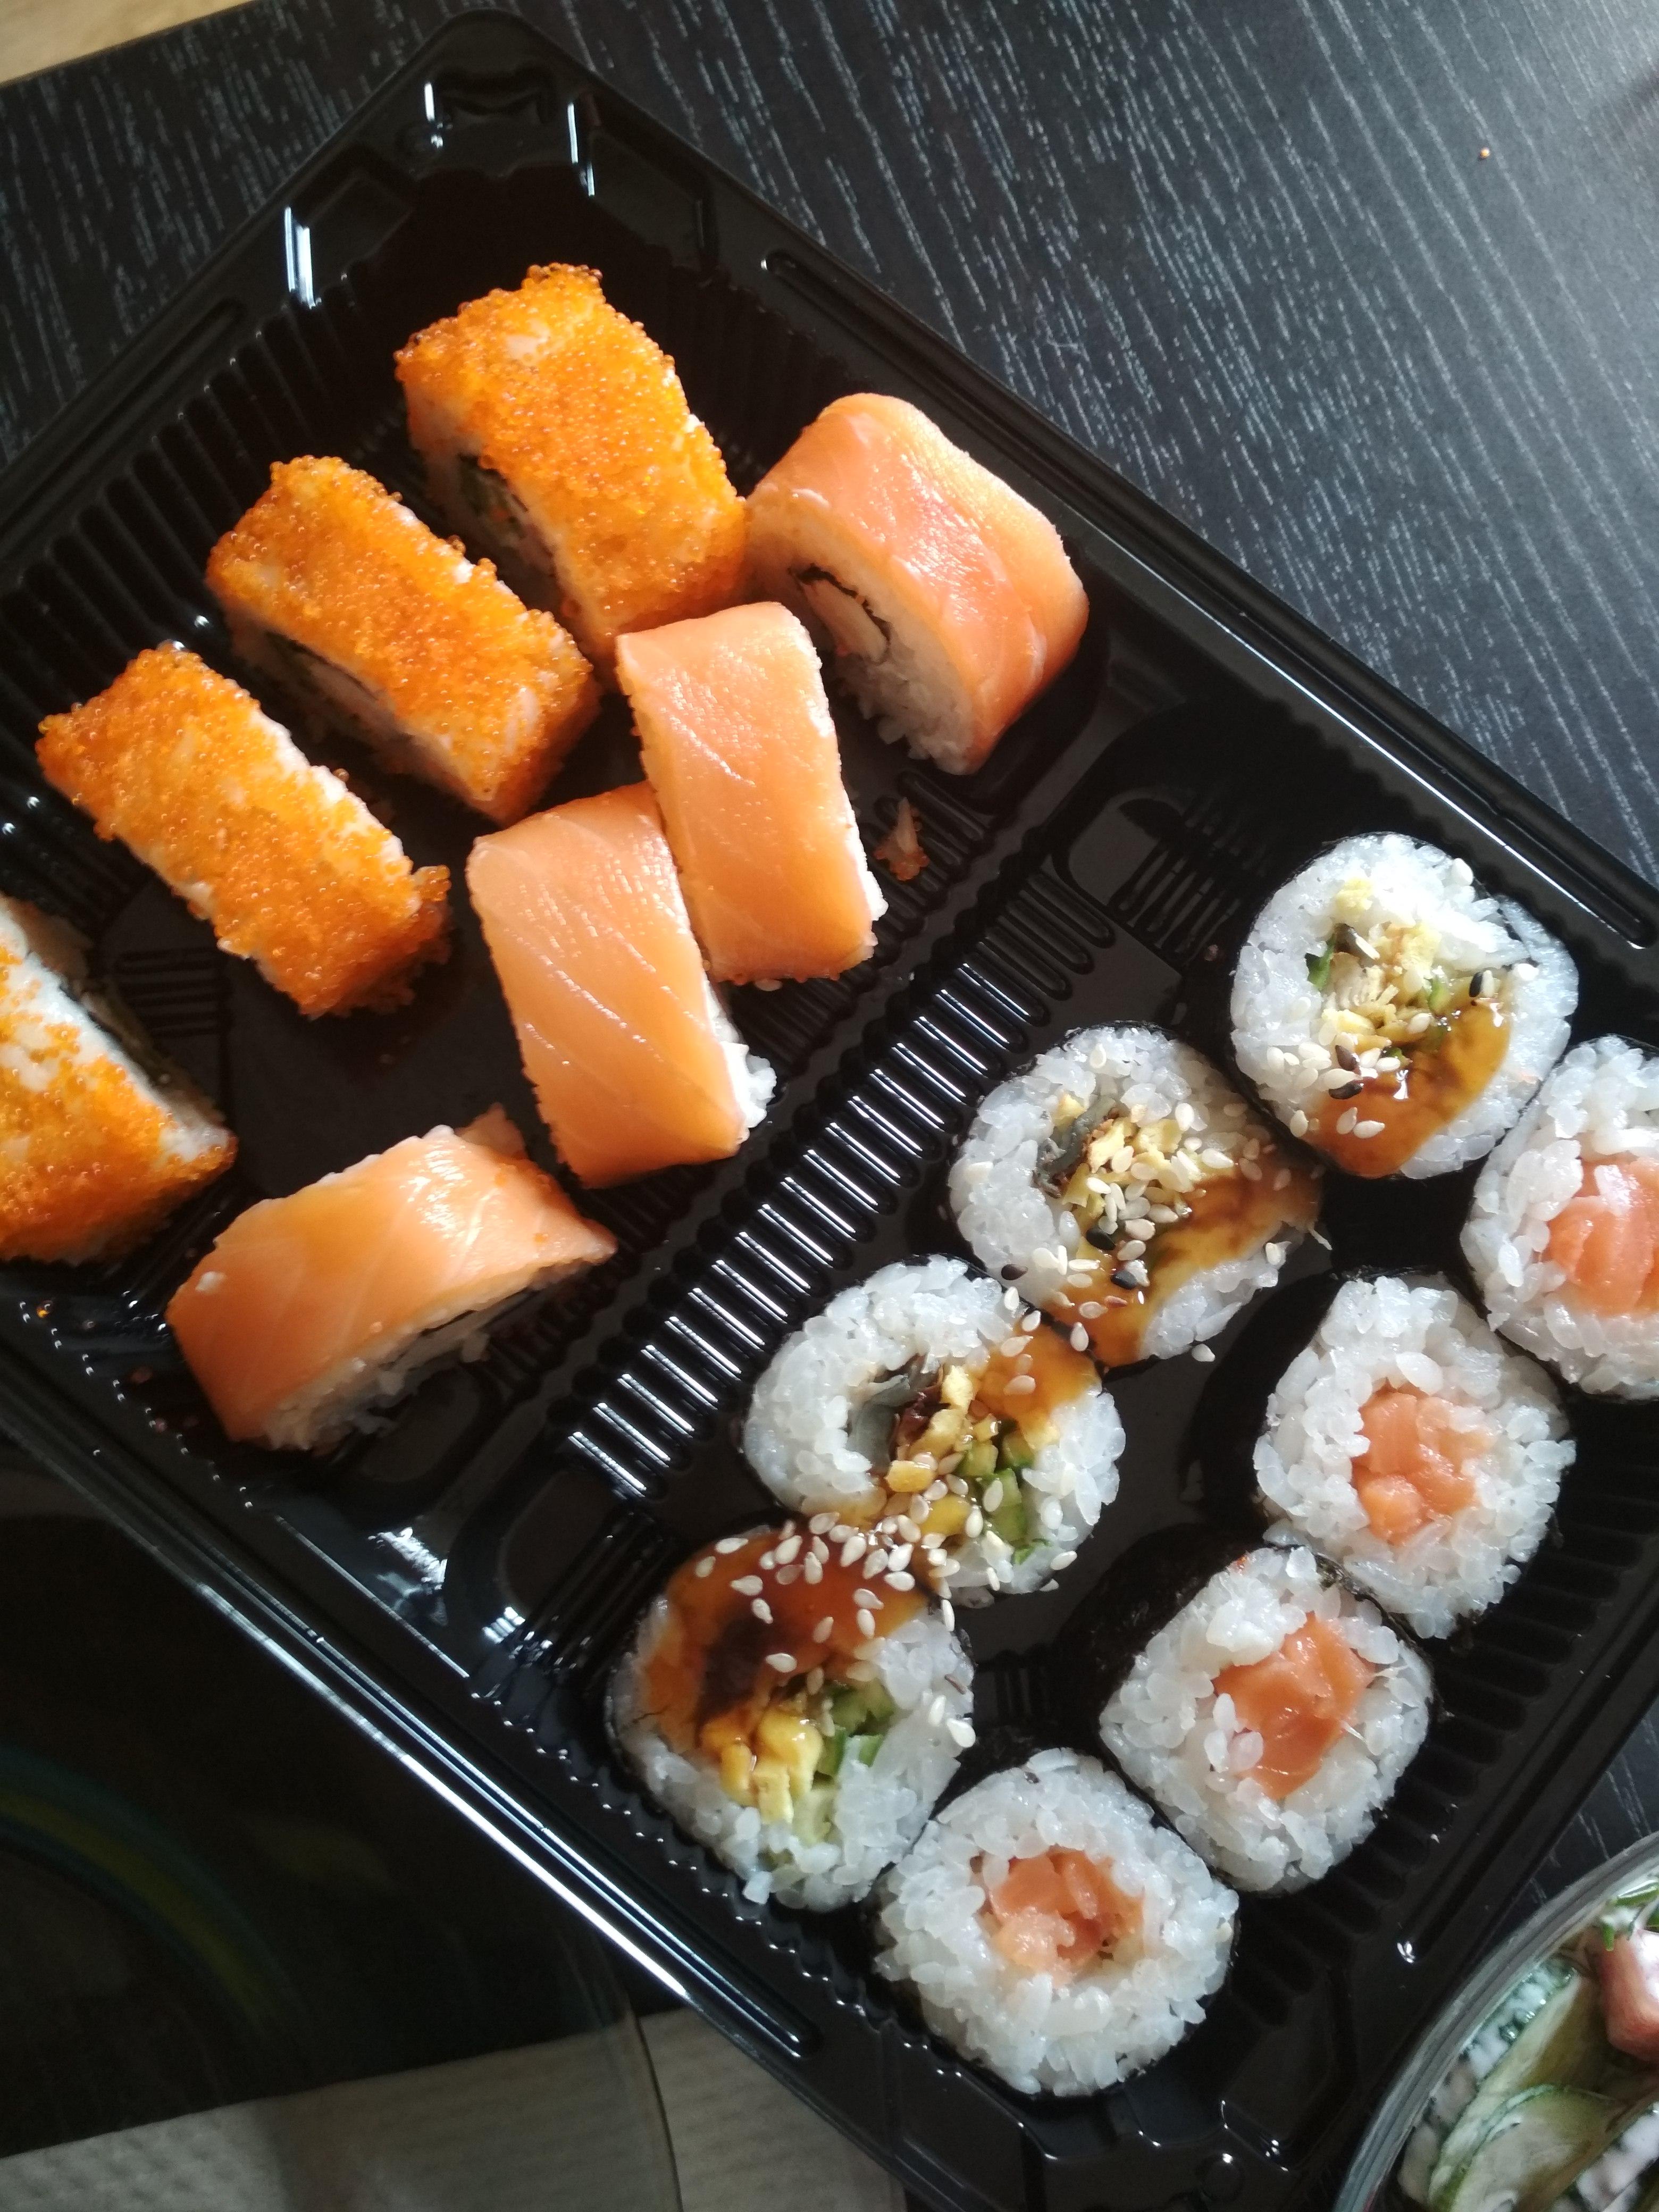 надеемся, что фото суши из магазина желаю, чтоб